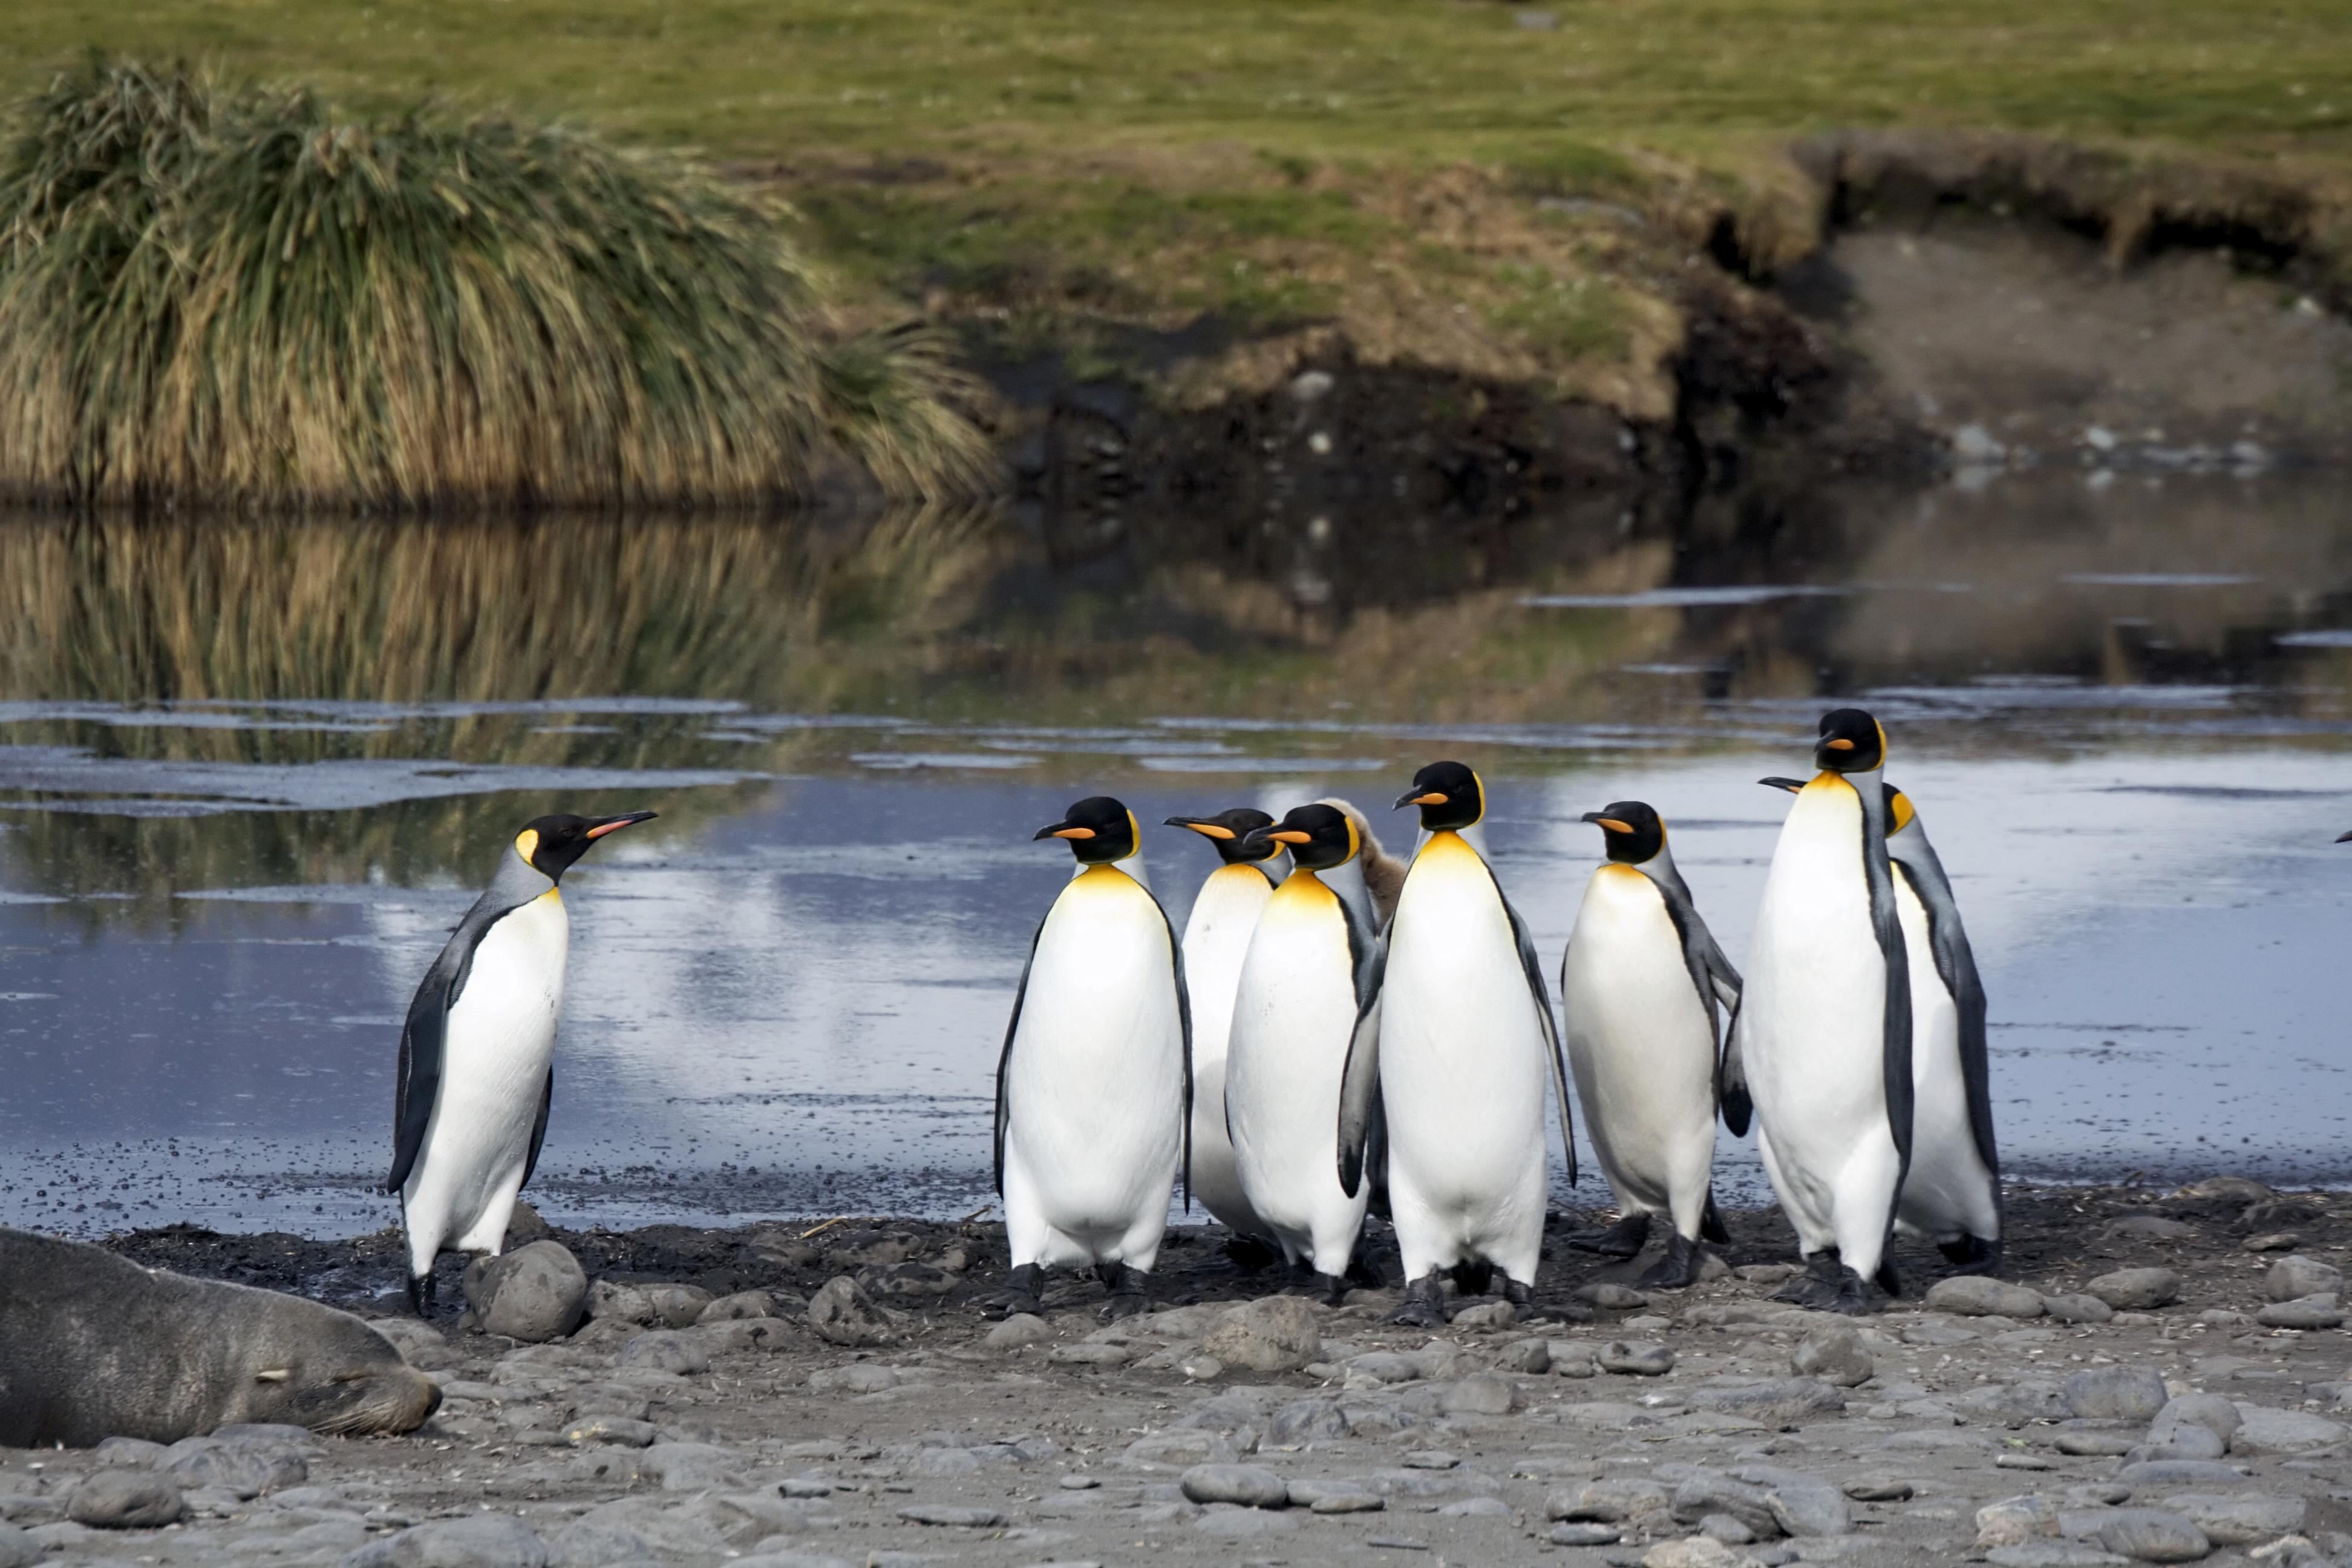 is_vg2016_pingouins_istock_000002915789_large.jpg